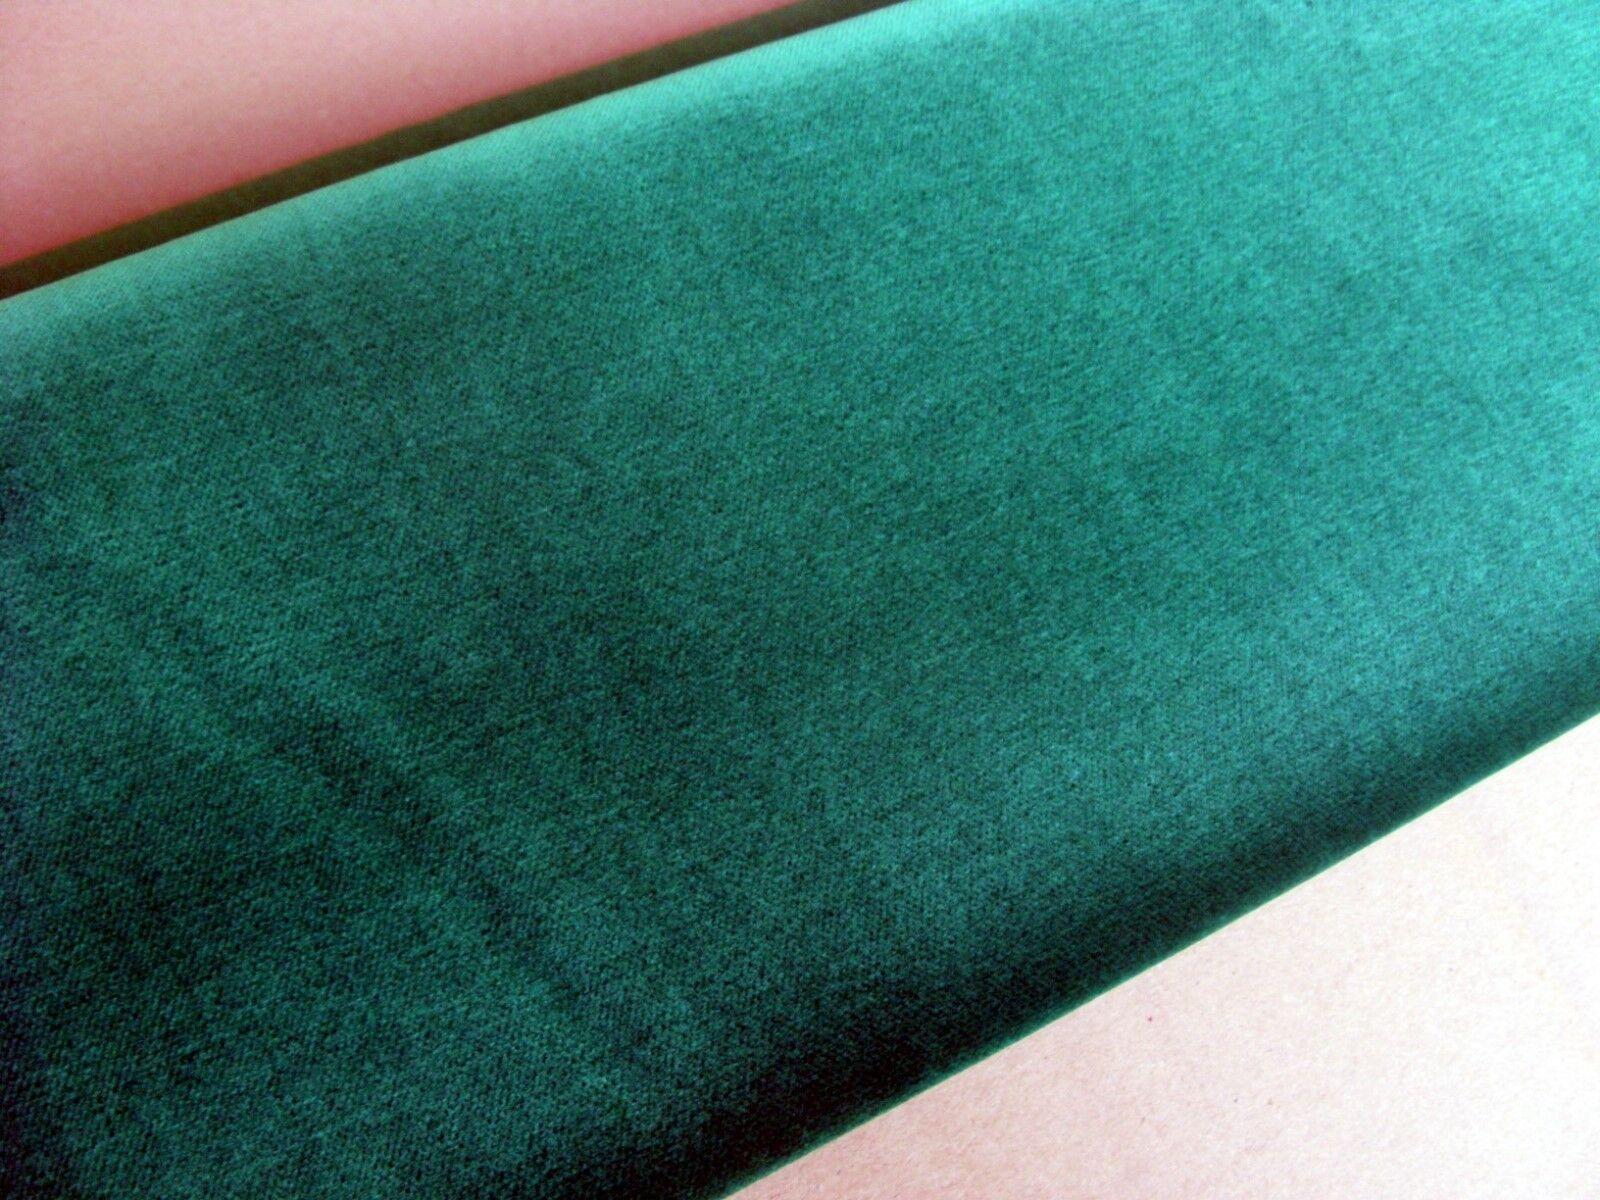 Baumwollsamt  mit Goldkante- 5 m 150 cm breit, mittelgrün(7011)Deko, Bekleid